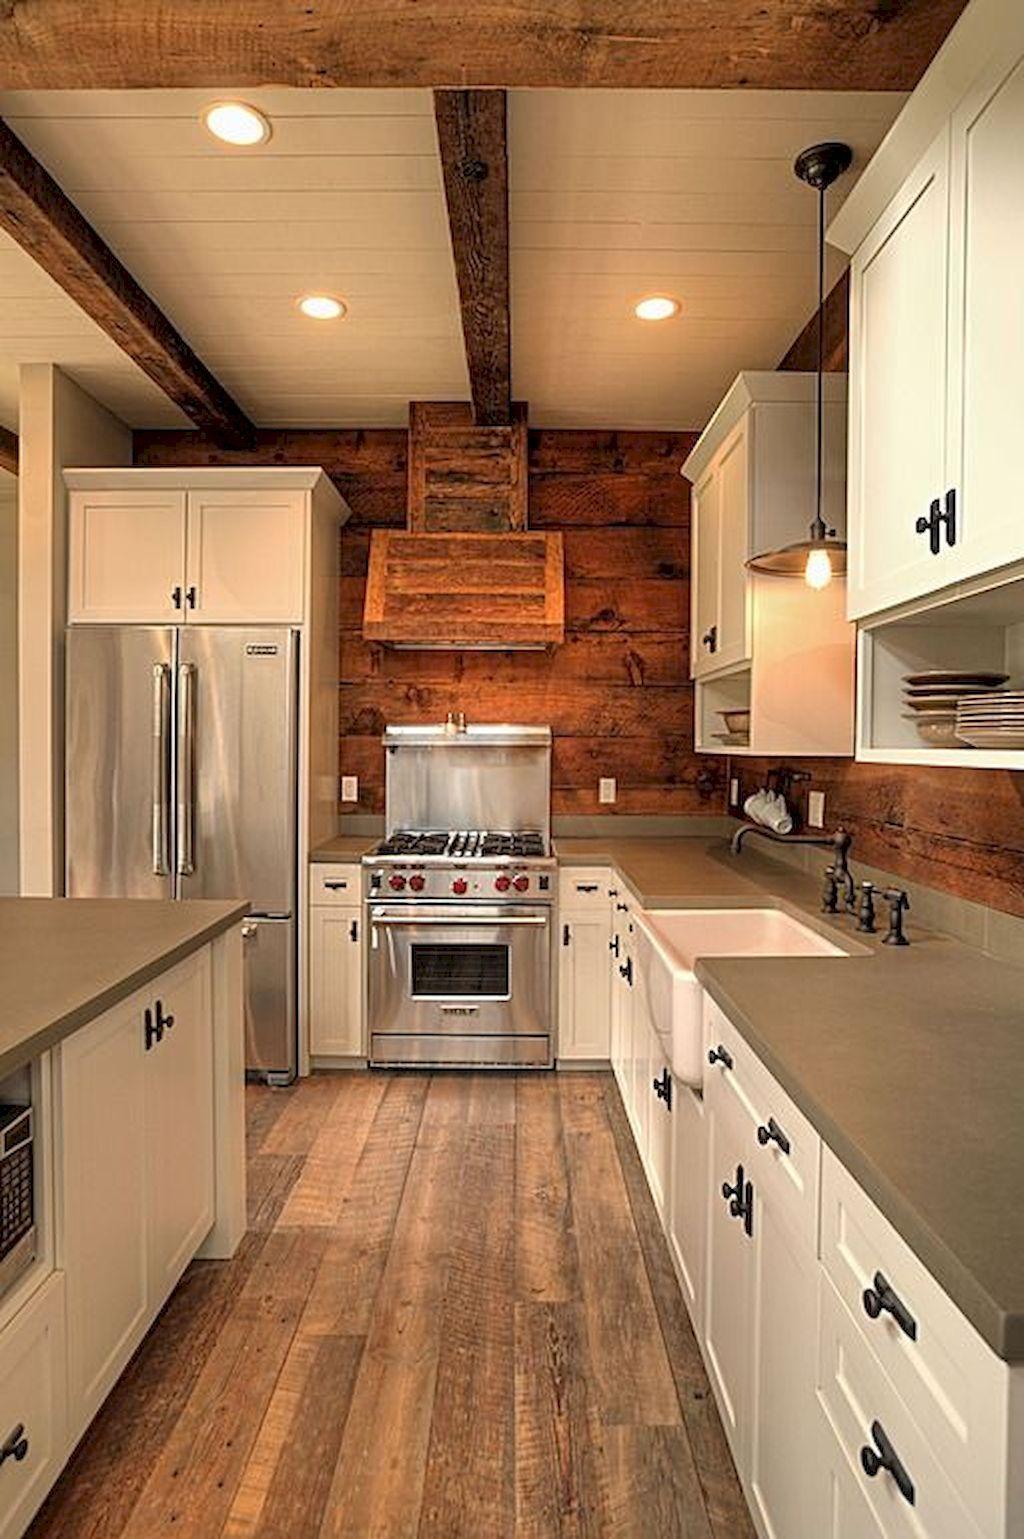 Ideas for kitchen decor   Fabulous Farmhouse Country Kitchen Decor and Design Ideas